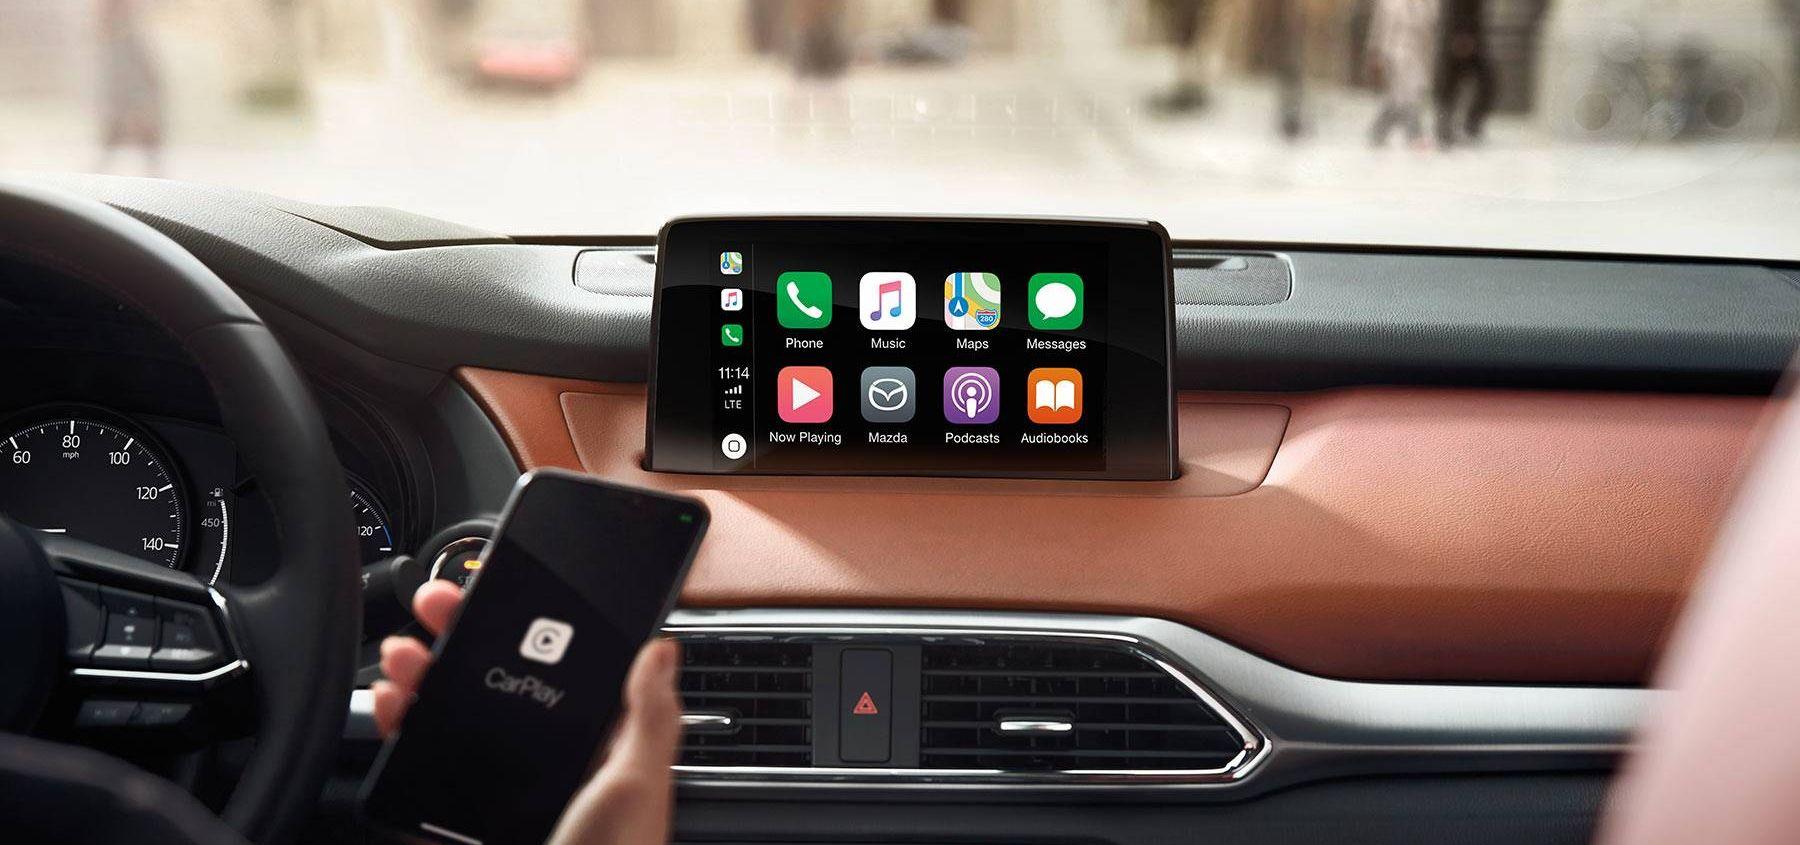 Apple CarPlay™ in the 2019 Mazda CX-9